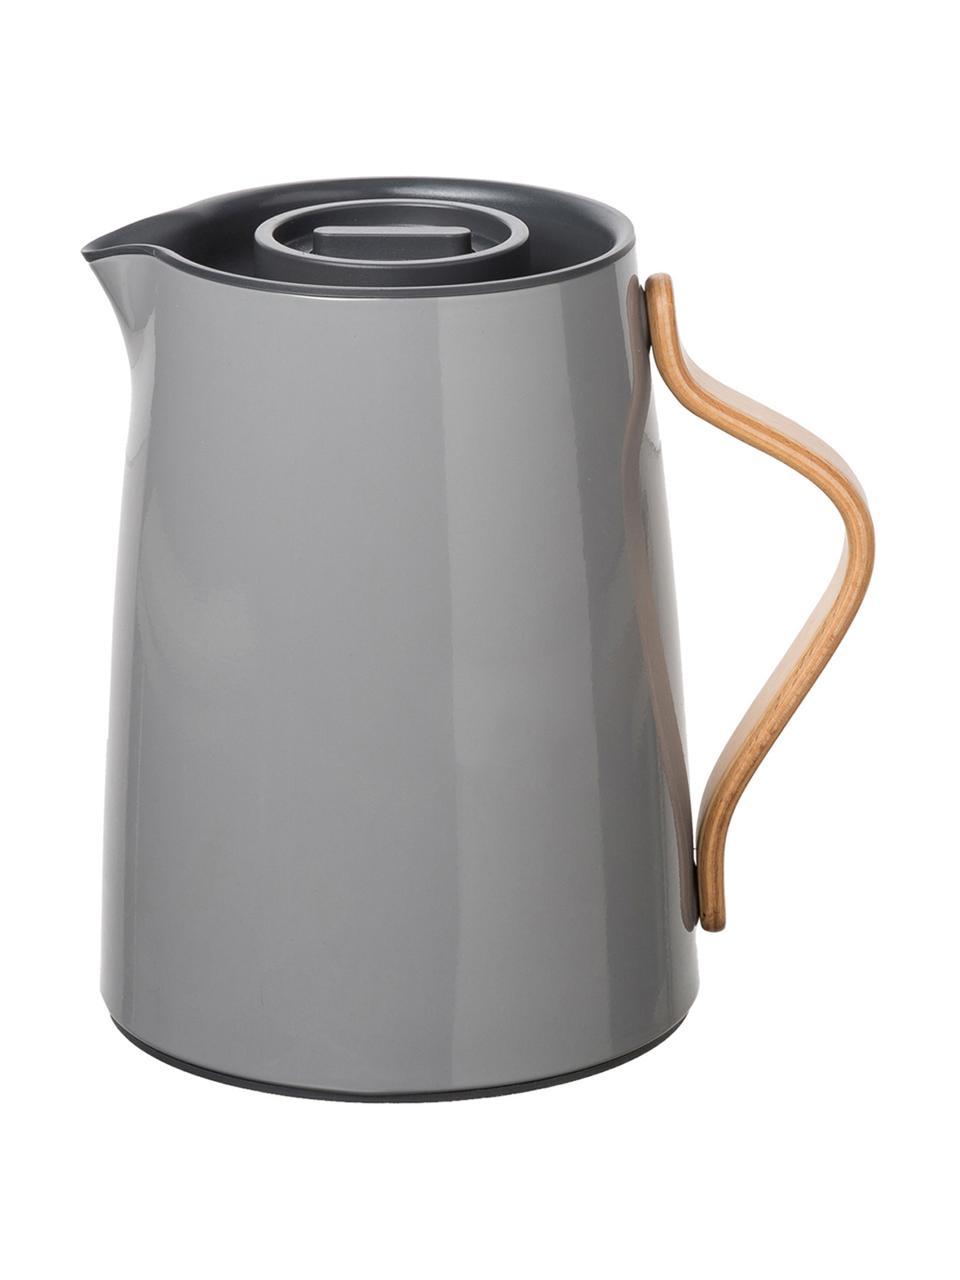 Teezubereiter Emma in Grau glänzend, 1 L, Korpus: Edelstahl, Beschichtung: Emaille, Griff: Buchenholz, Grau, 1 L